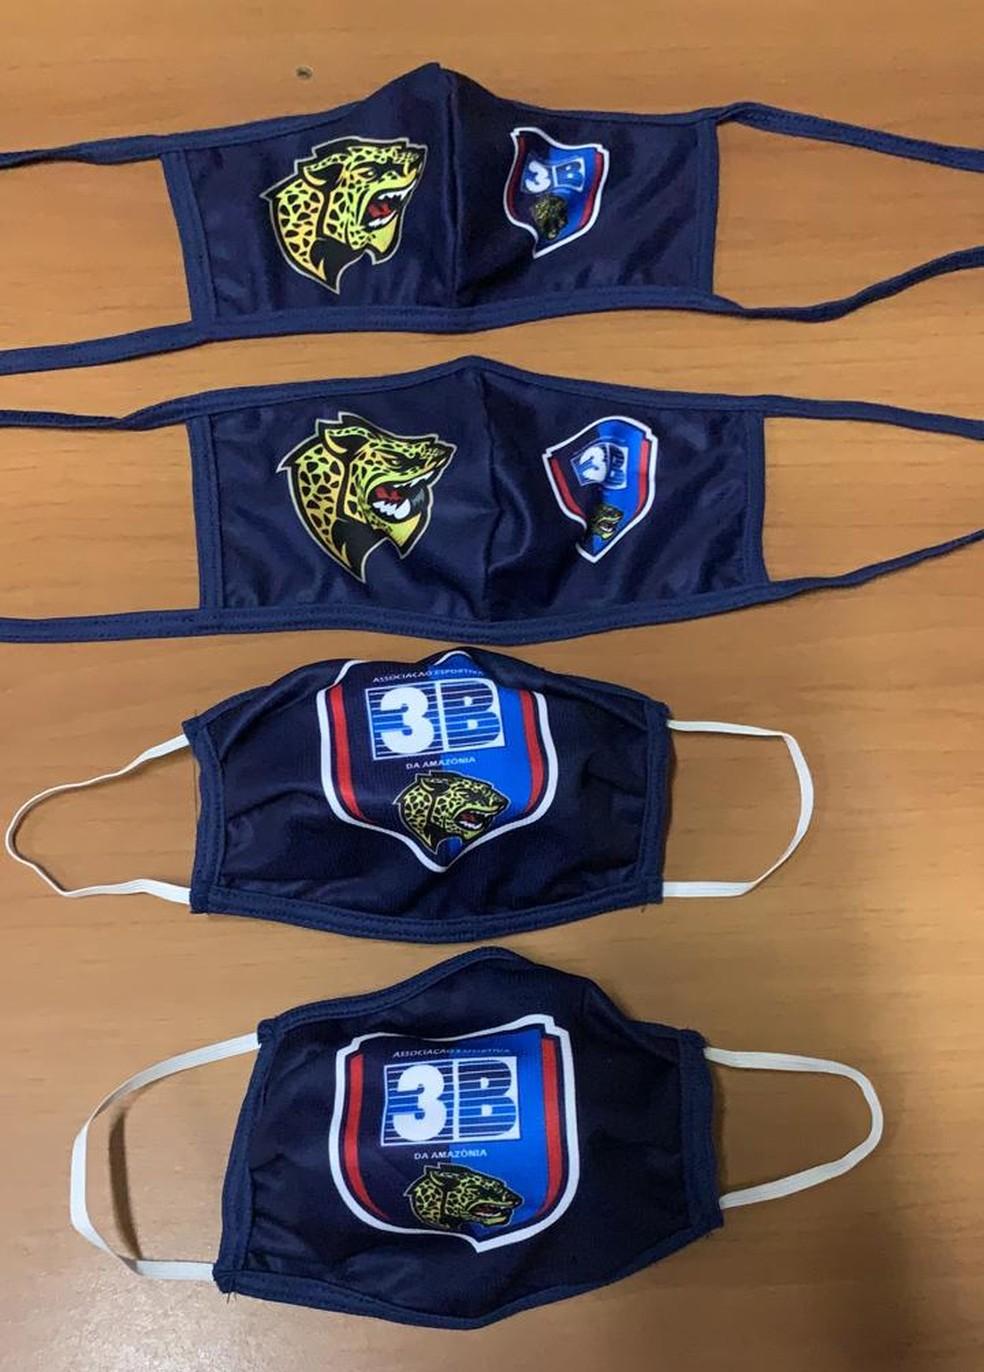 3B confeccionou 500 máscaras personalizadas para a comunidade — Foto: Divulgação/3B